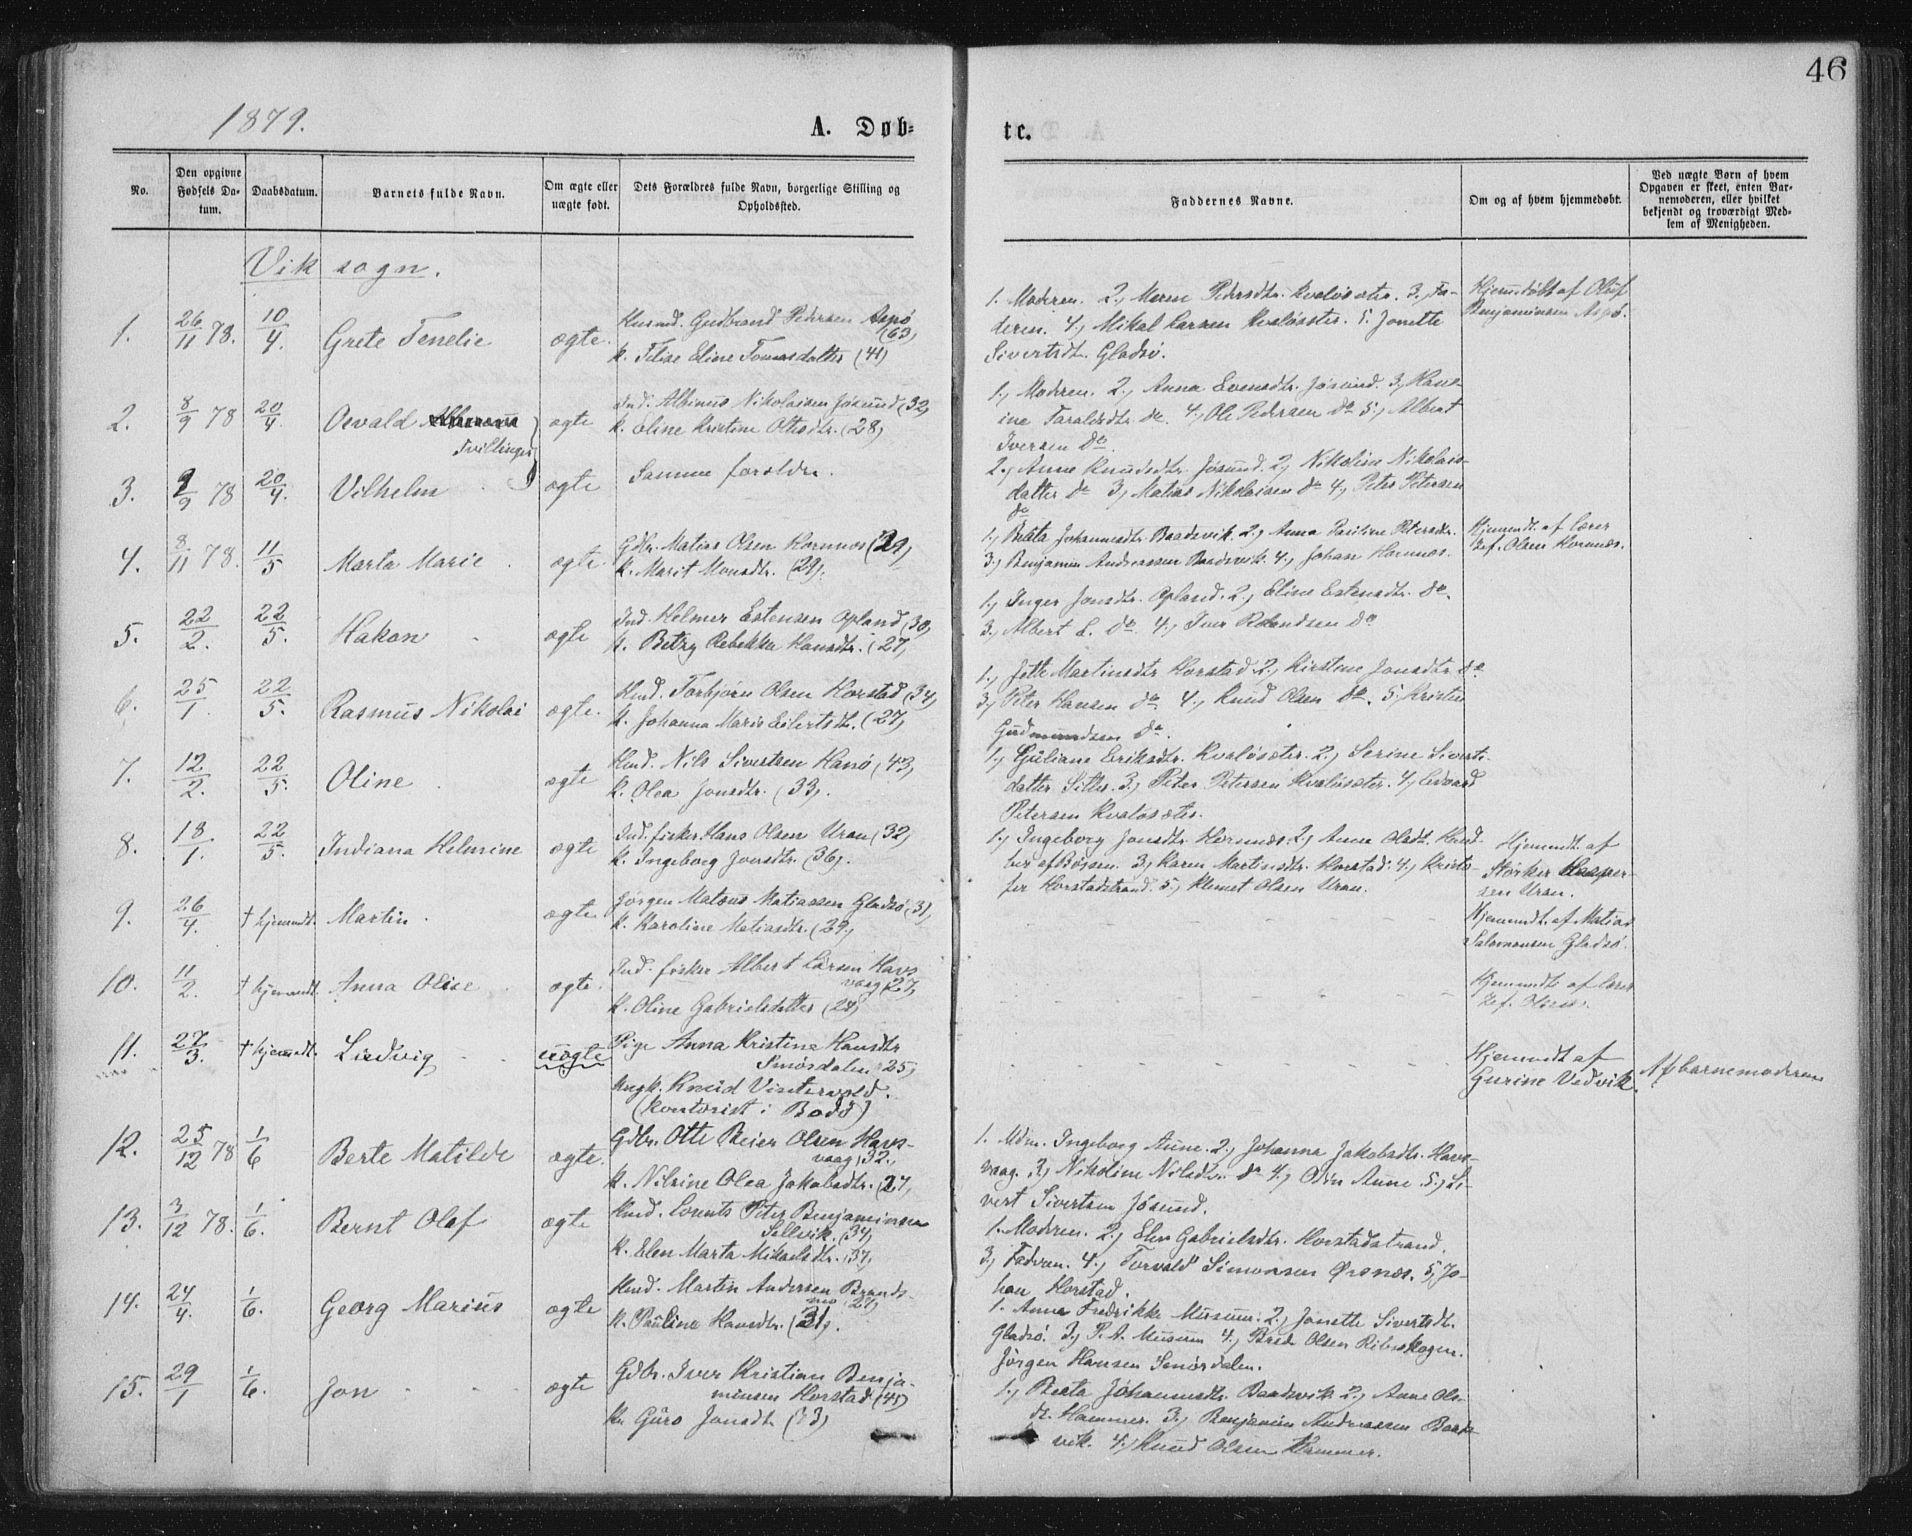 SAT, Ministerialprotokoller, klokkerbøker og fødselsregistre - Nord-Trøndelag, 771/L0596: Ministerialbok nr. 771A03, 1870-1884, s. 46